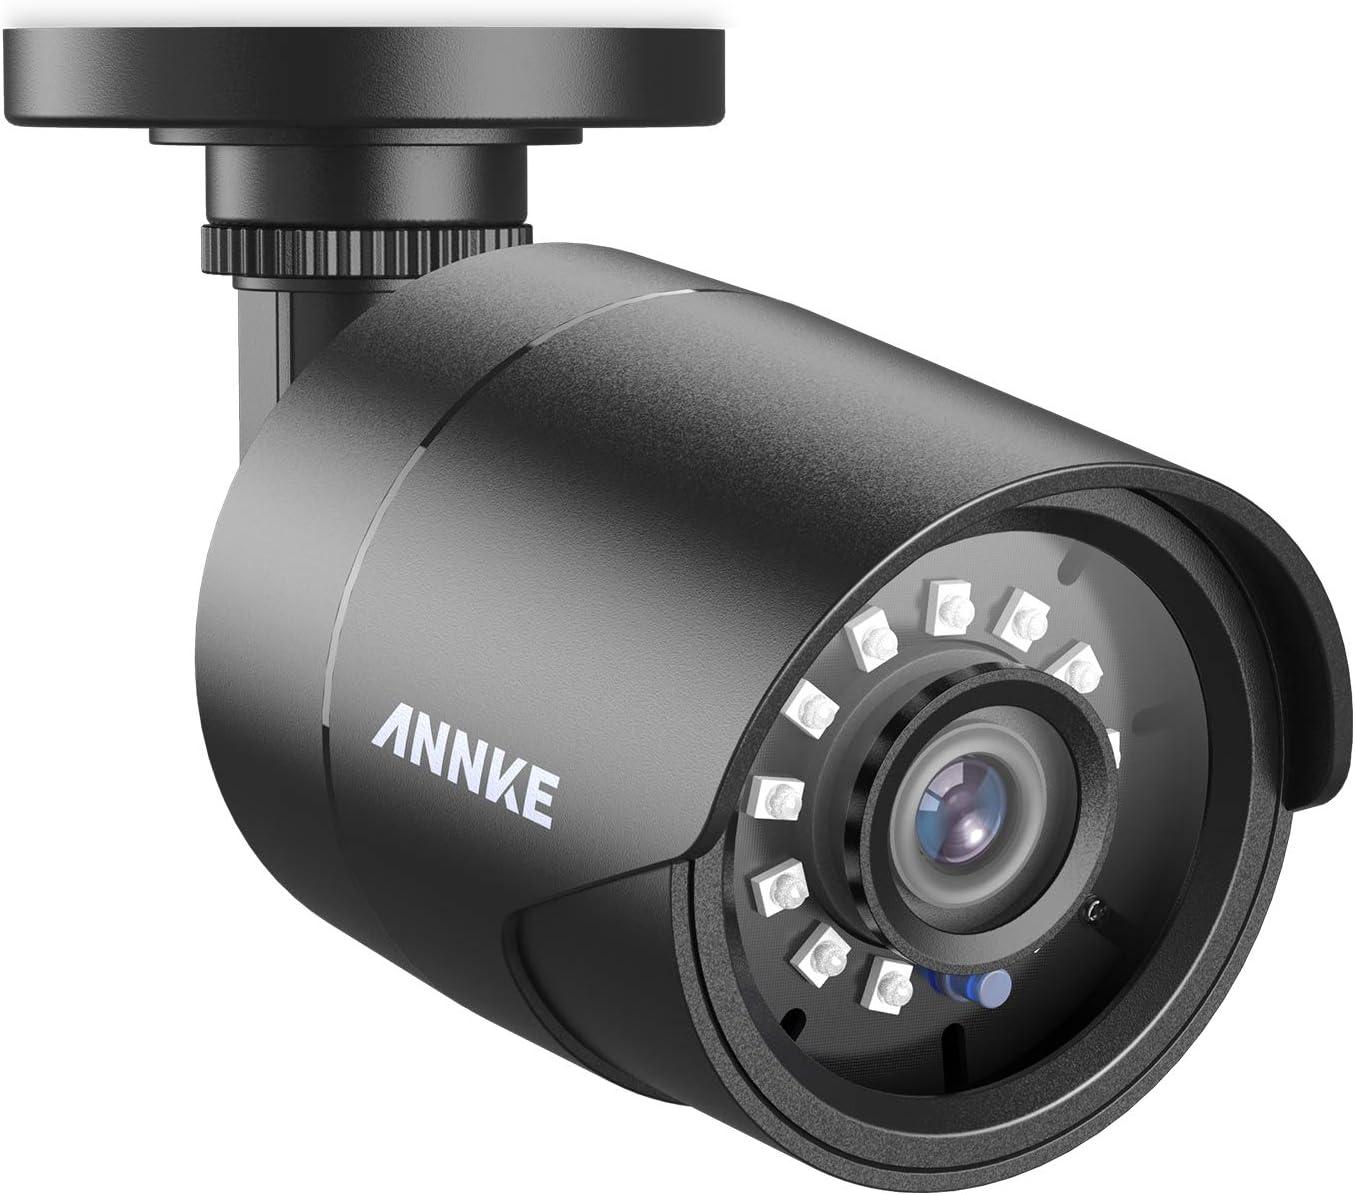 ANNKE Cámara de seguridad 1080P Bala AHD/TVI/CVI/CVBS 4-en-1, Cámara de Vigilancia Analógica IP66 Impermeable Uso Interior y Exterior, Visión Nocturna 66Pies de Transparente IR